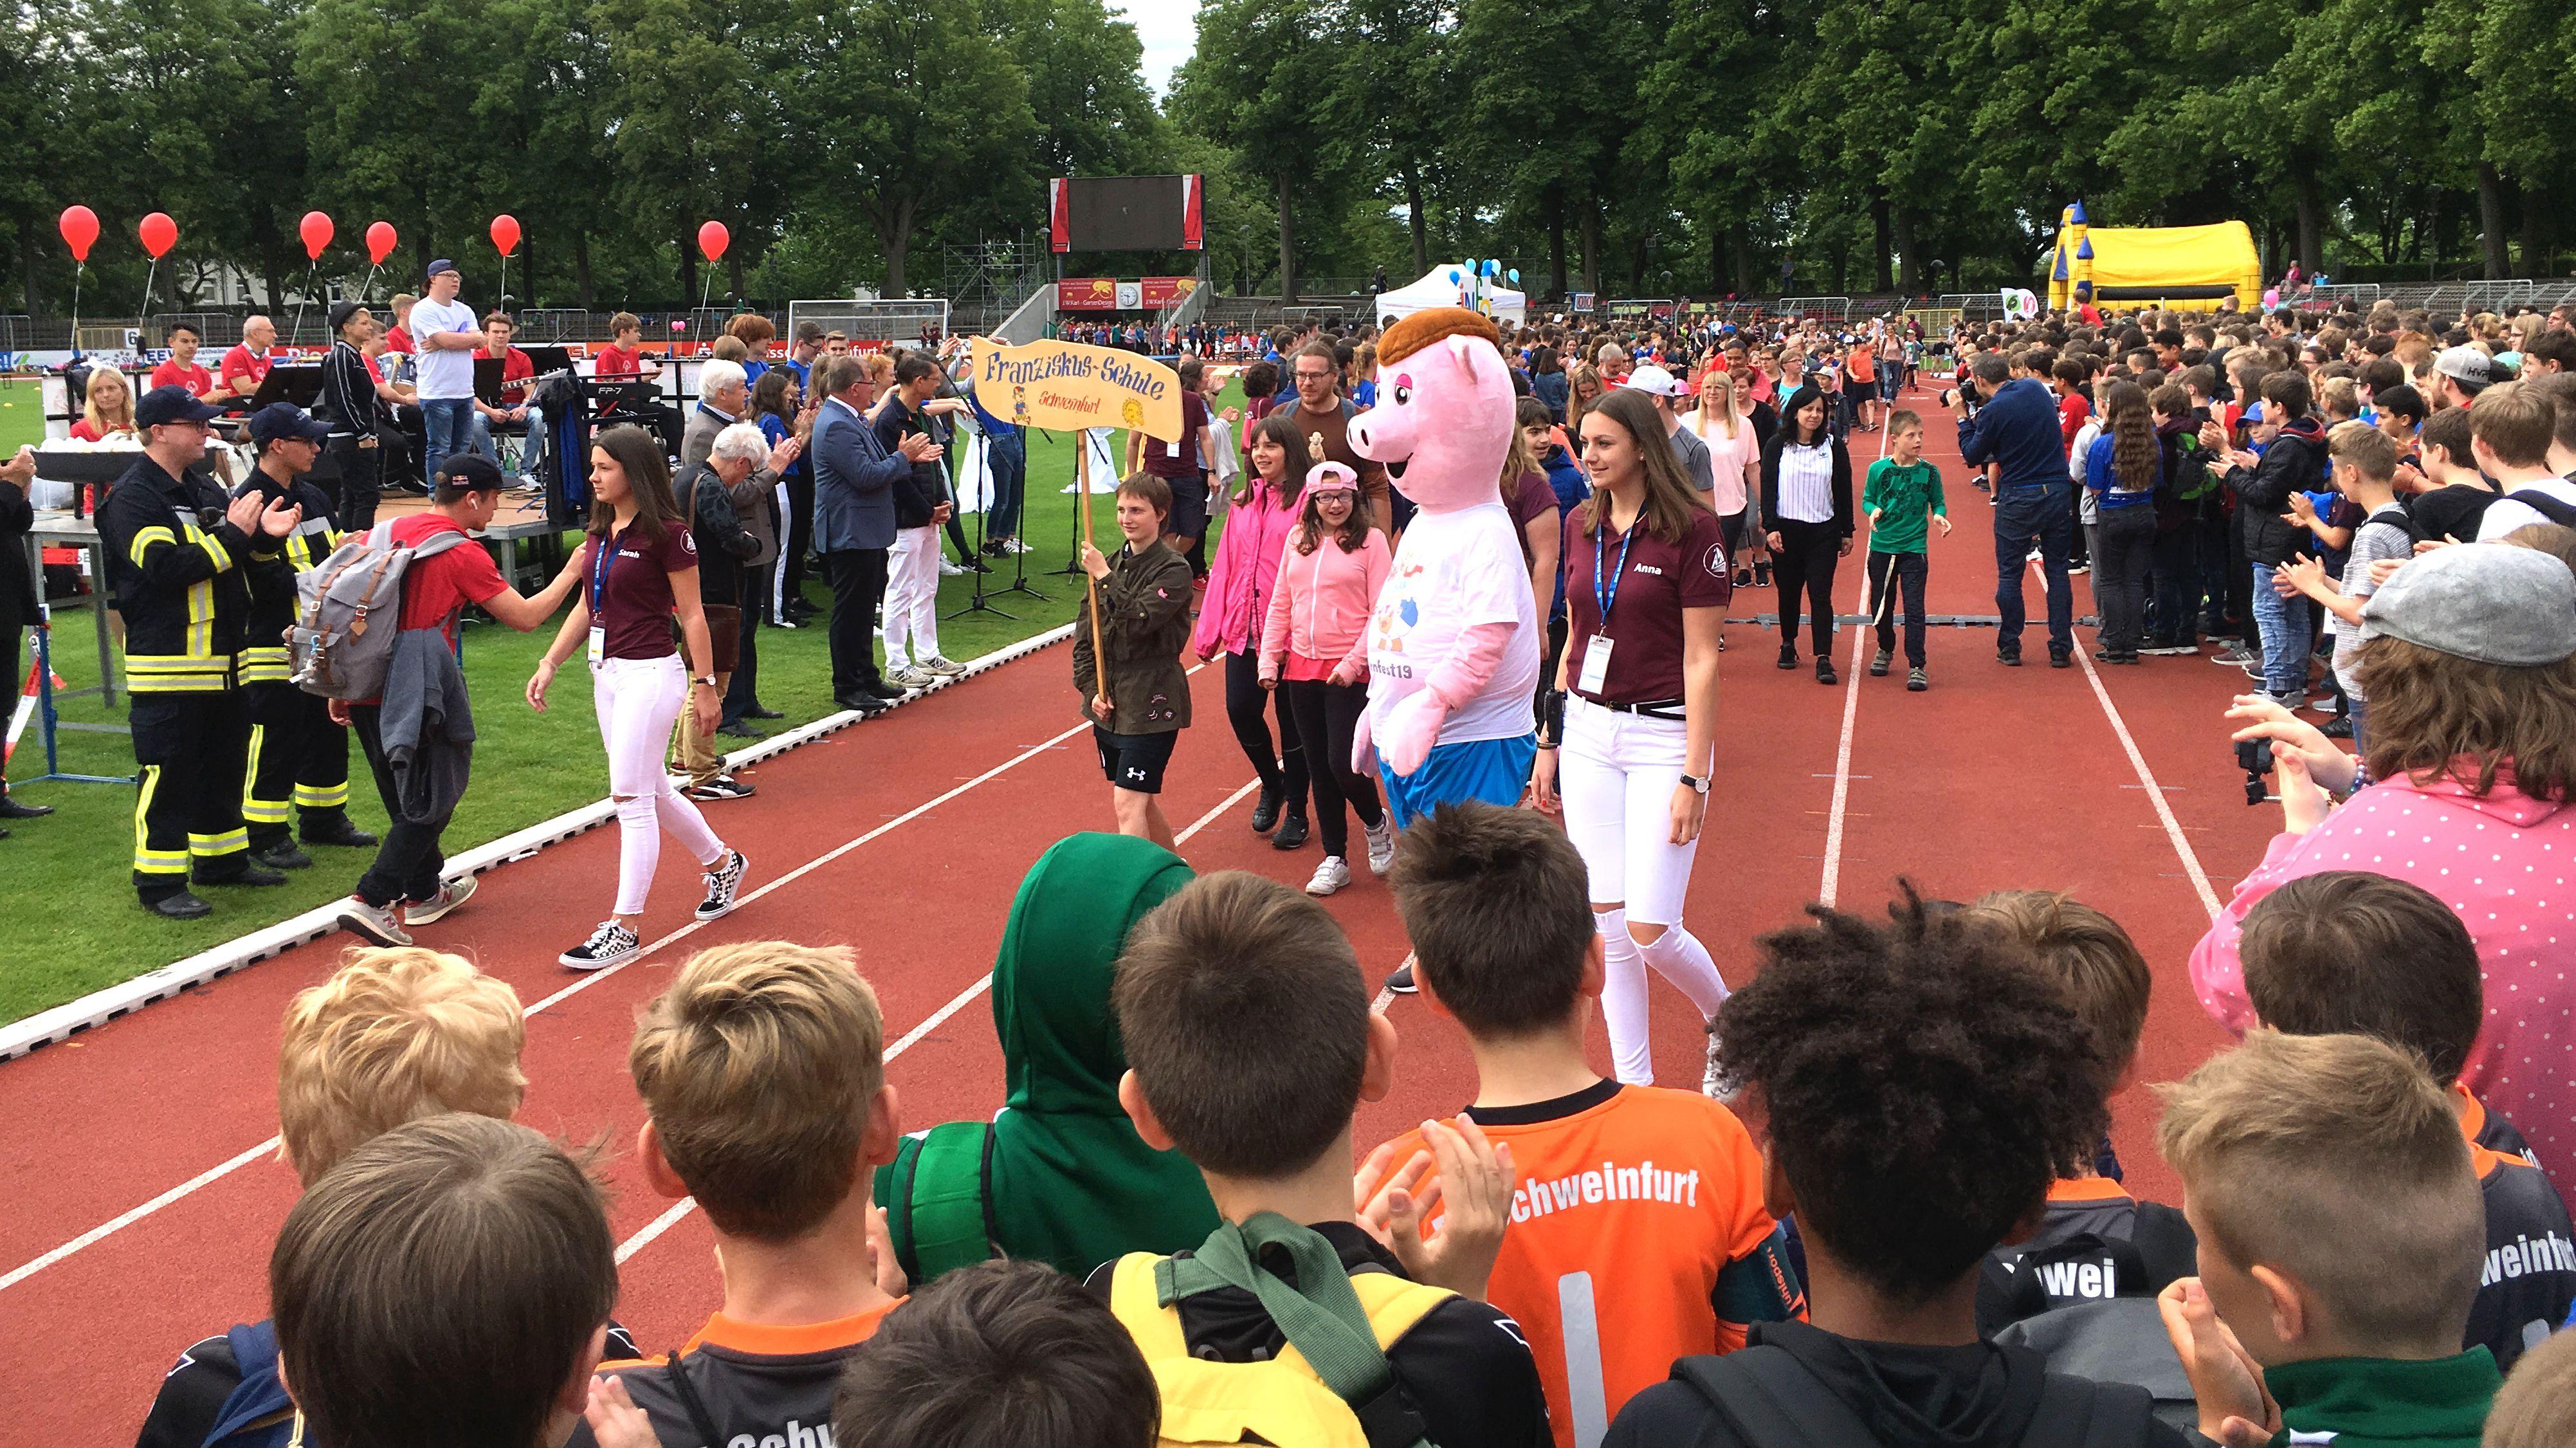 Landesturnfest in Schweinfurt - der Einzug